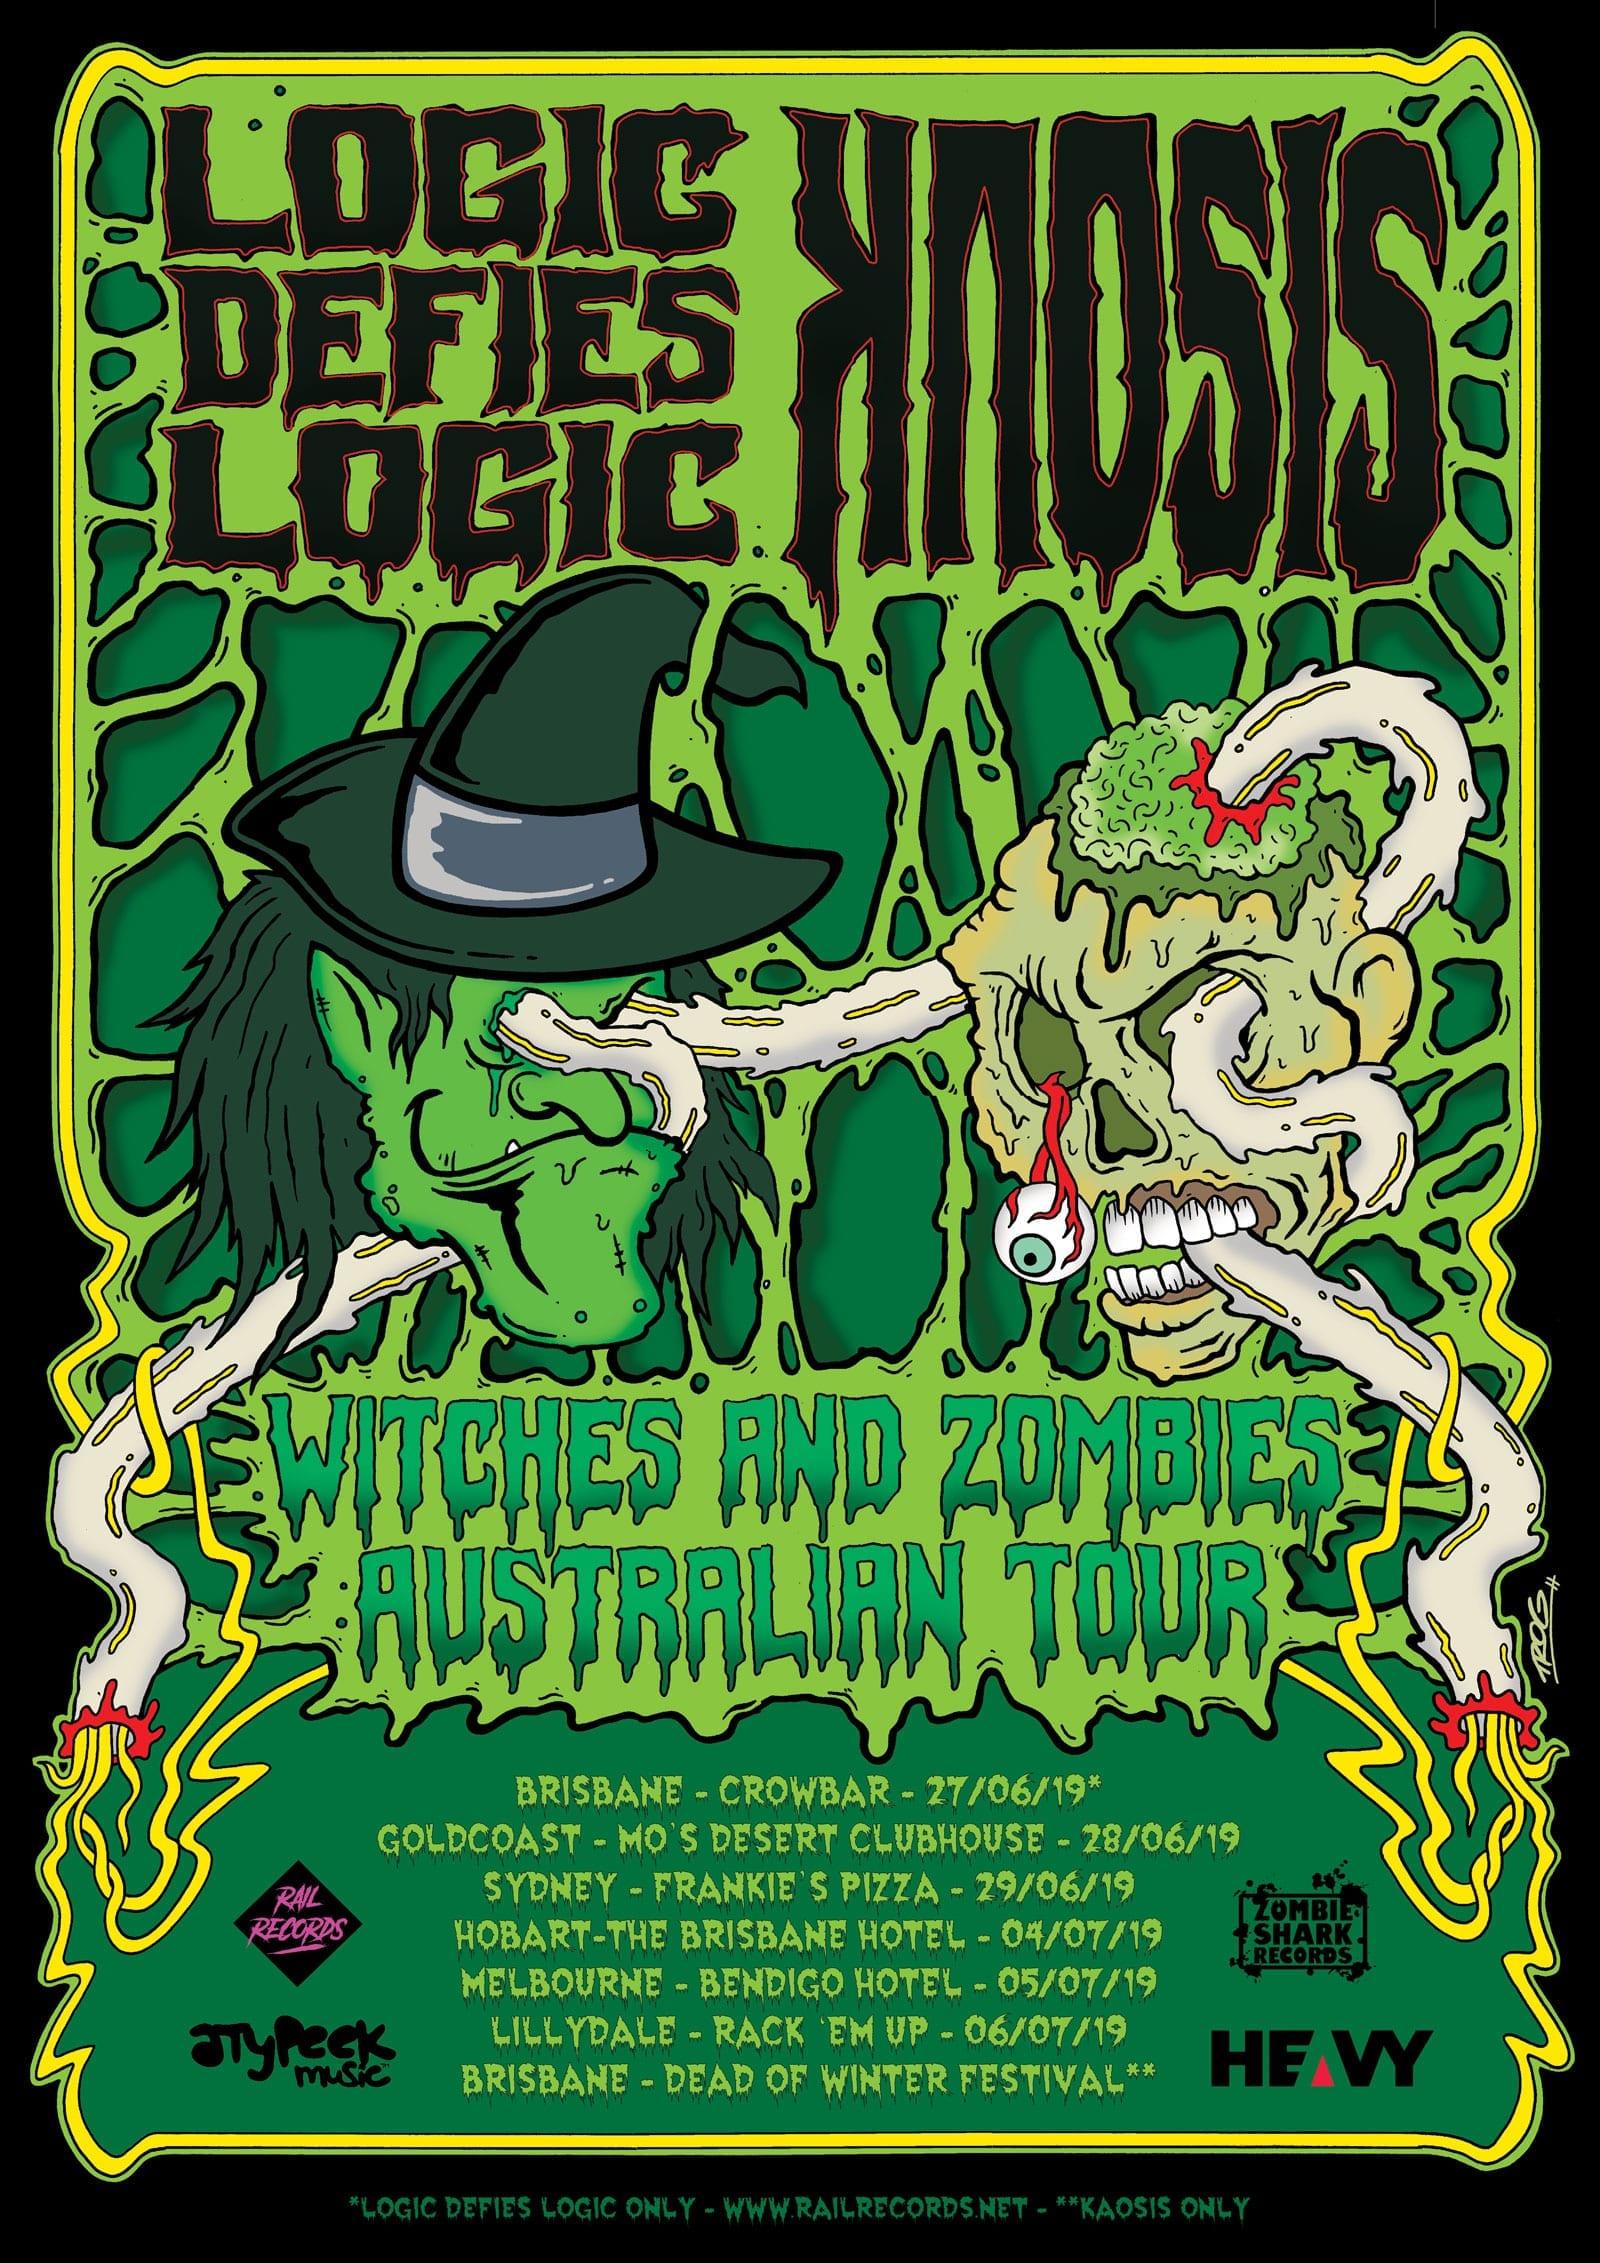 Koasis Australian Tour Poster - HEAVY Magazine